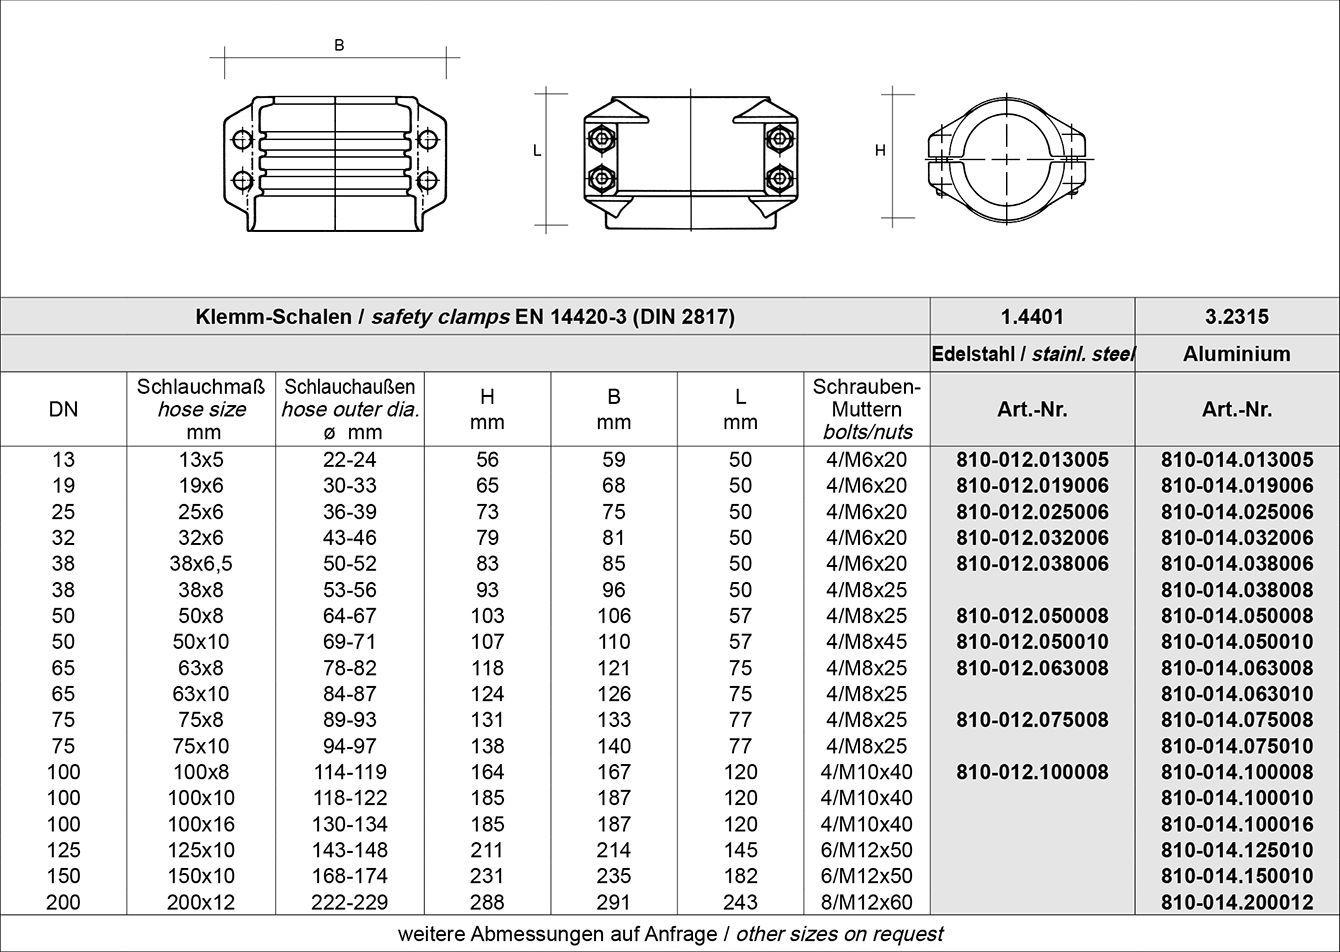 Tabelle Klemmschalen EN 14420-3 - Presshülsen